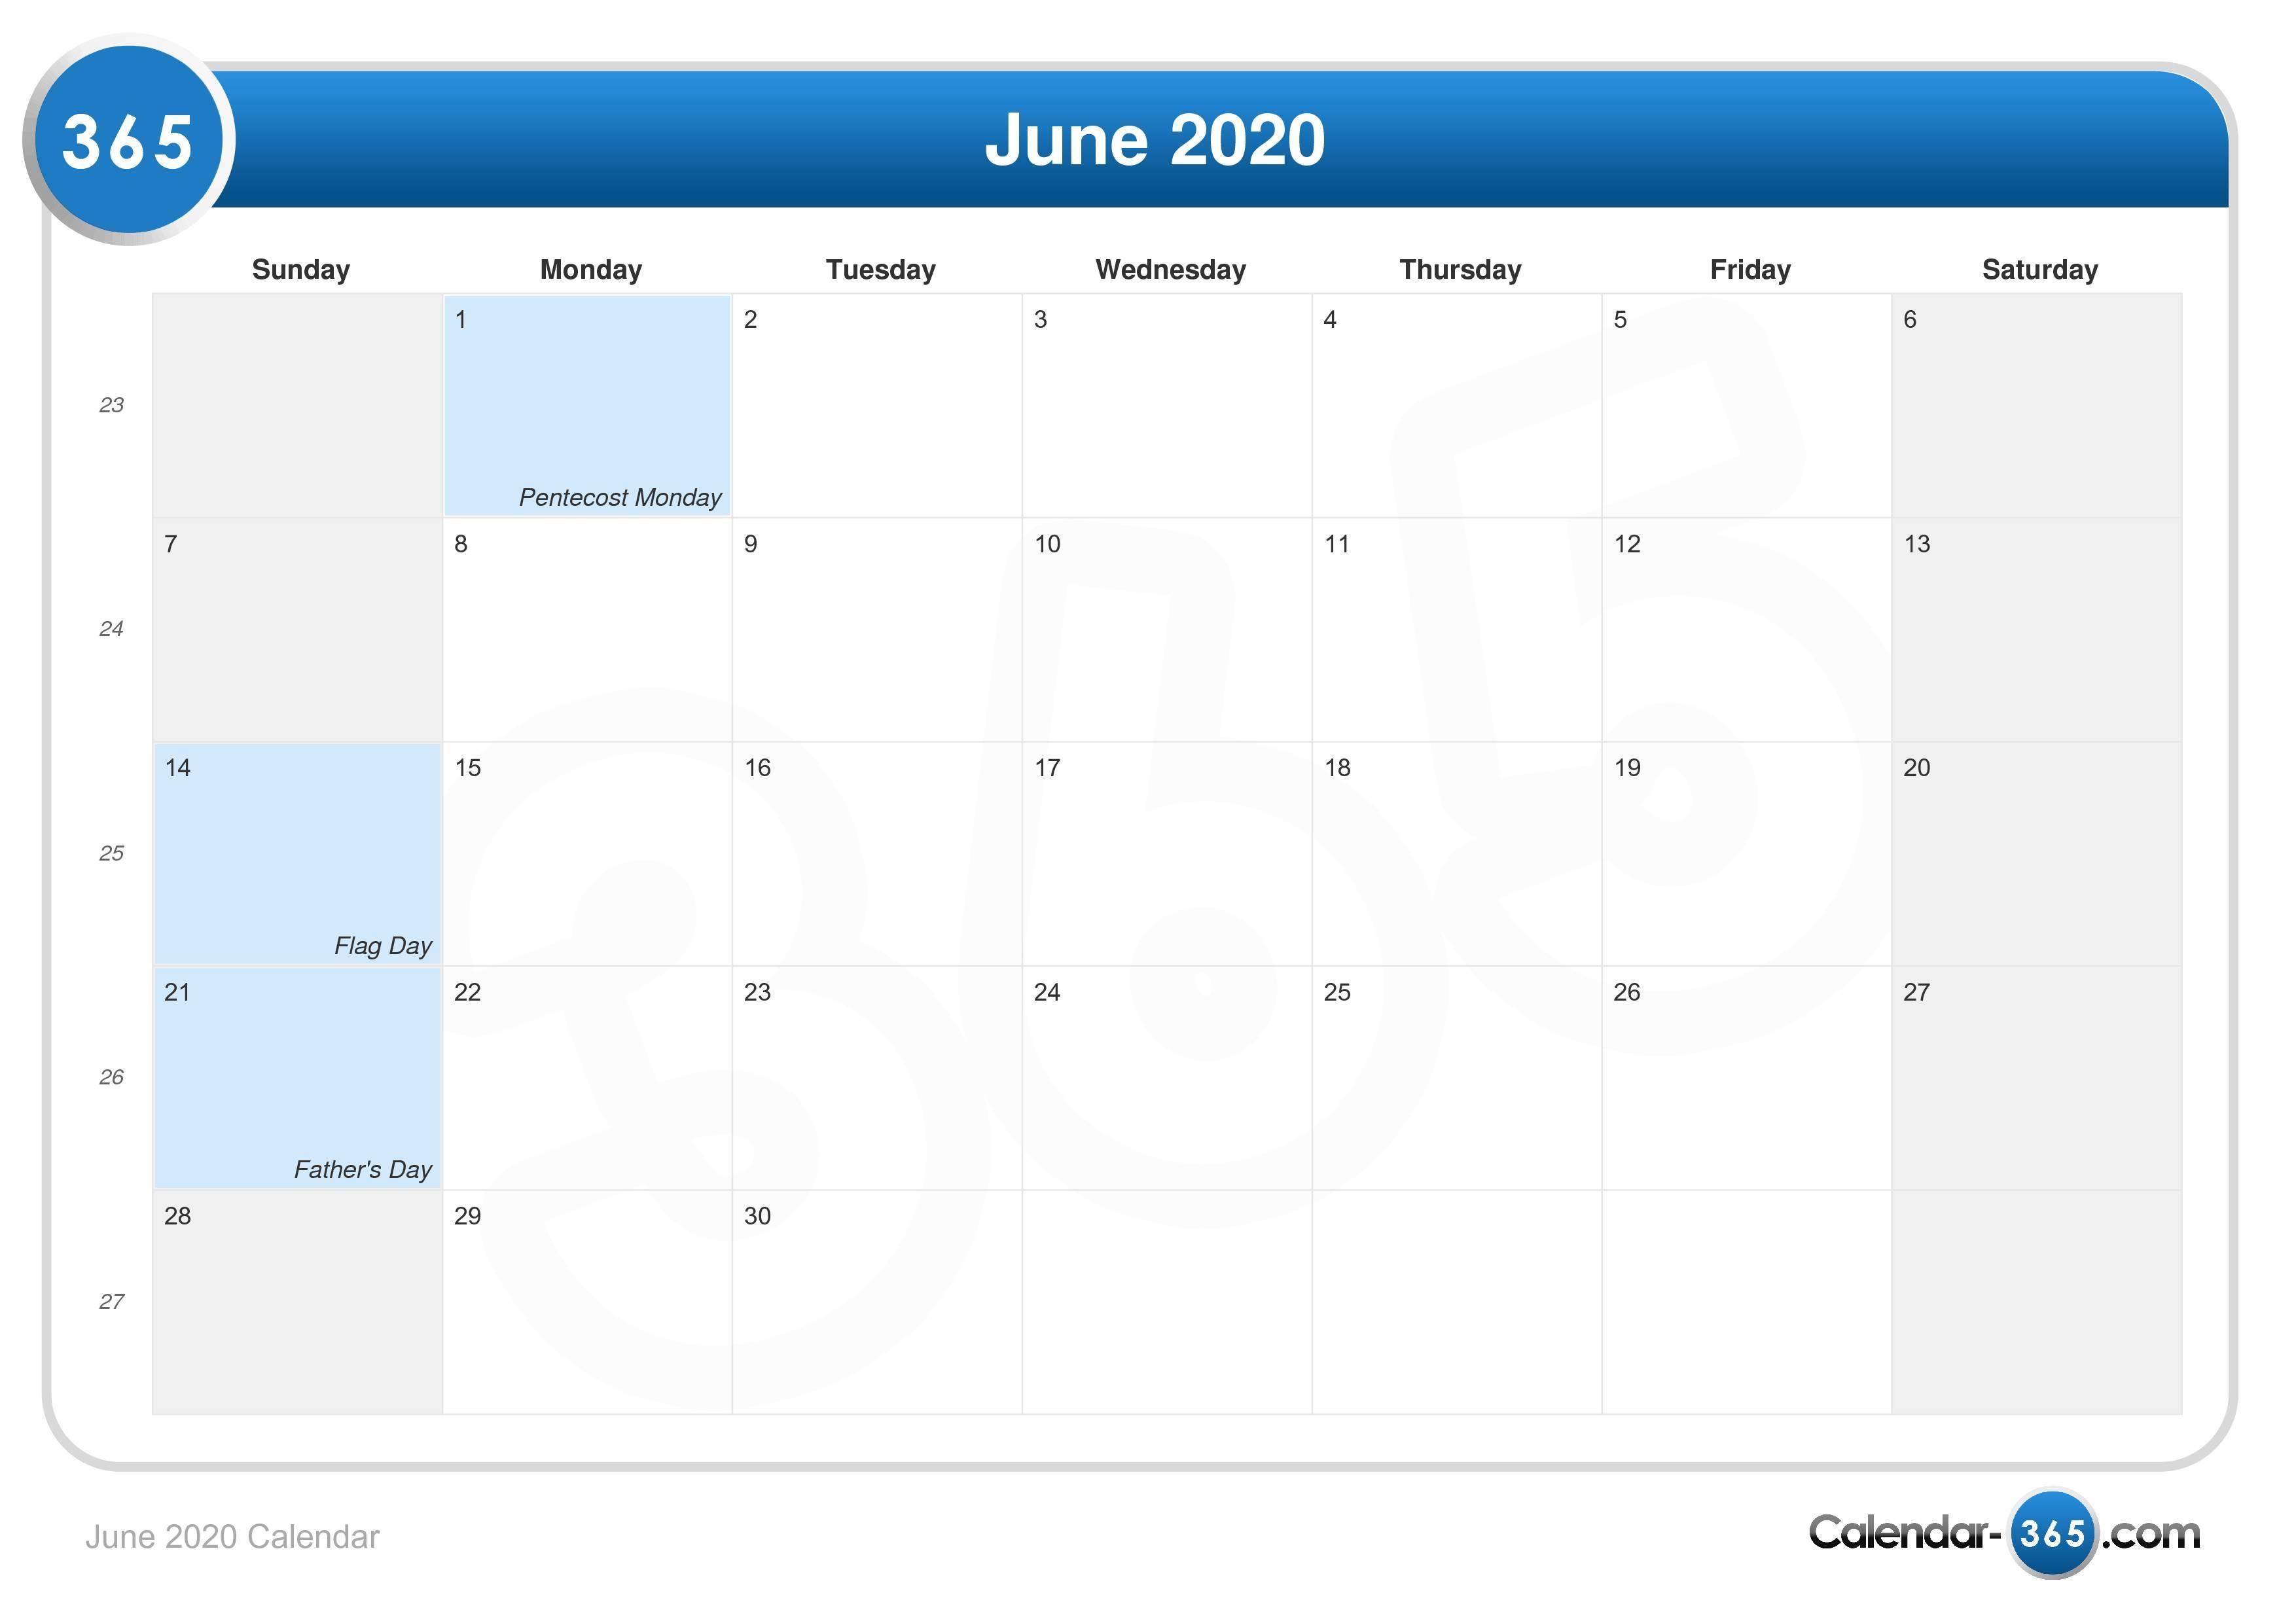 Lunar Calendar June 2020 June 2020 Calendar